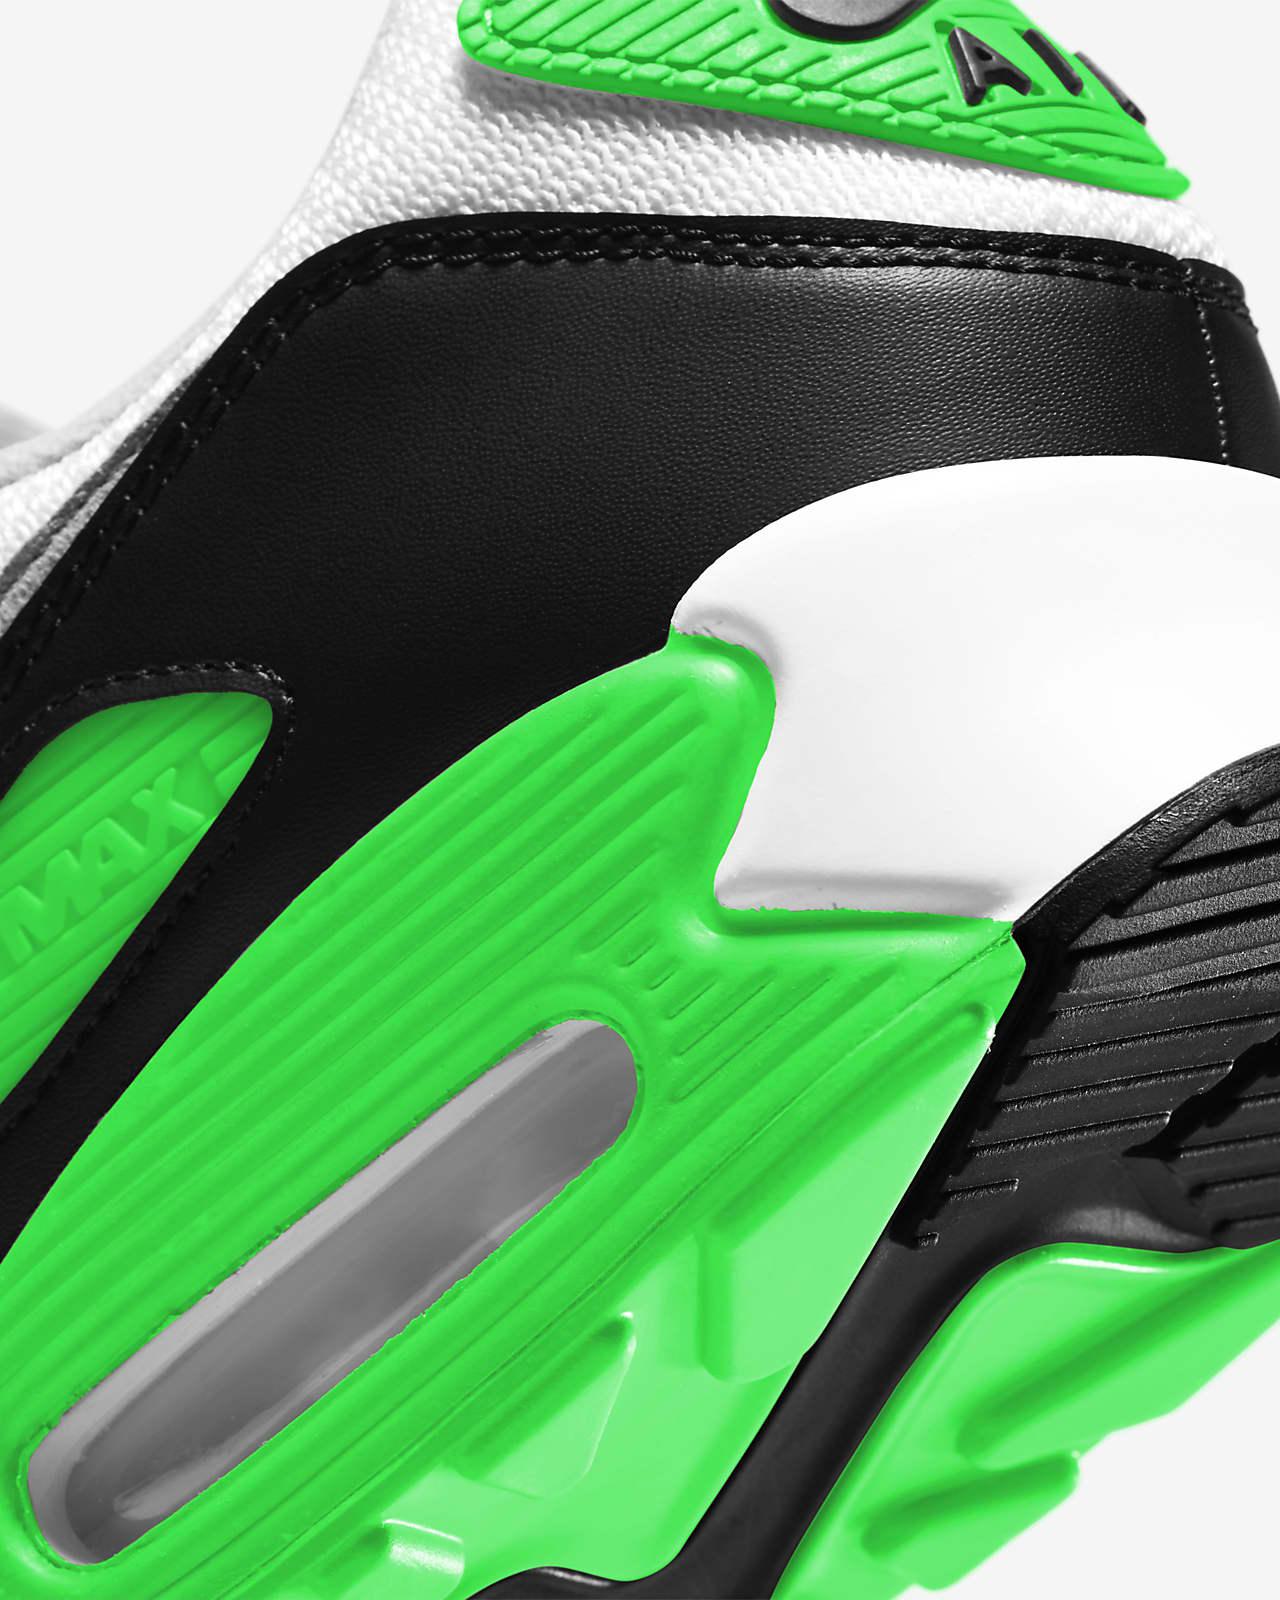 air max 90 verde hombres